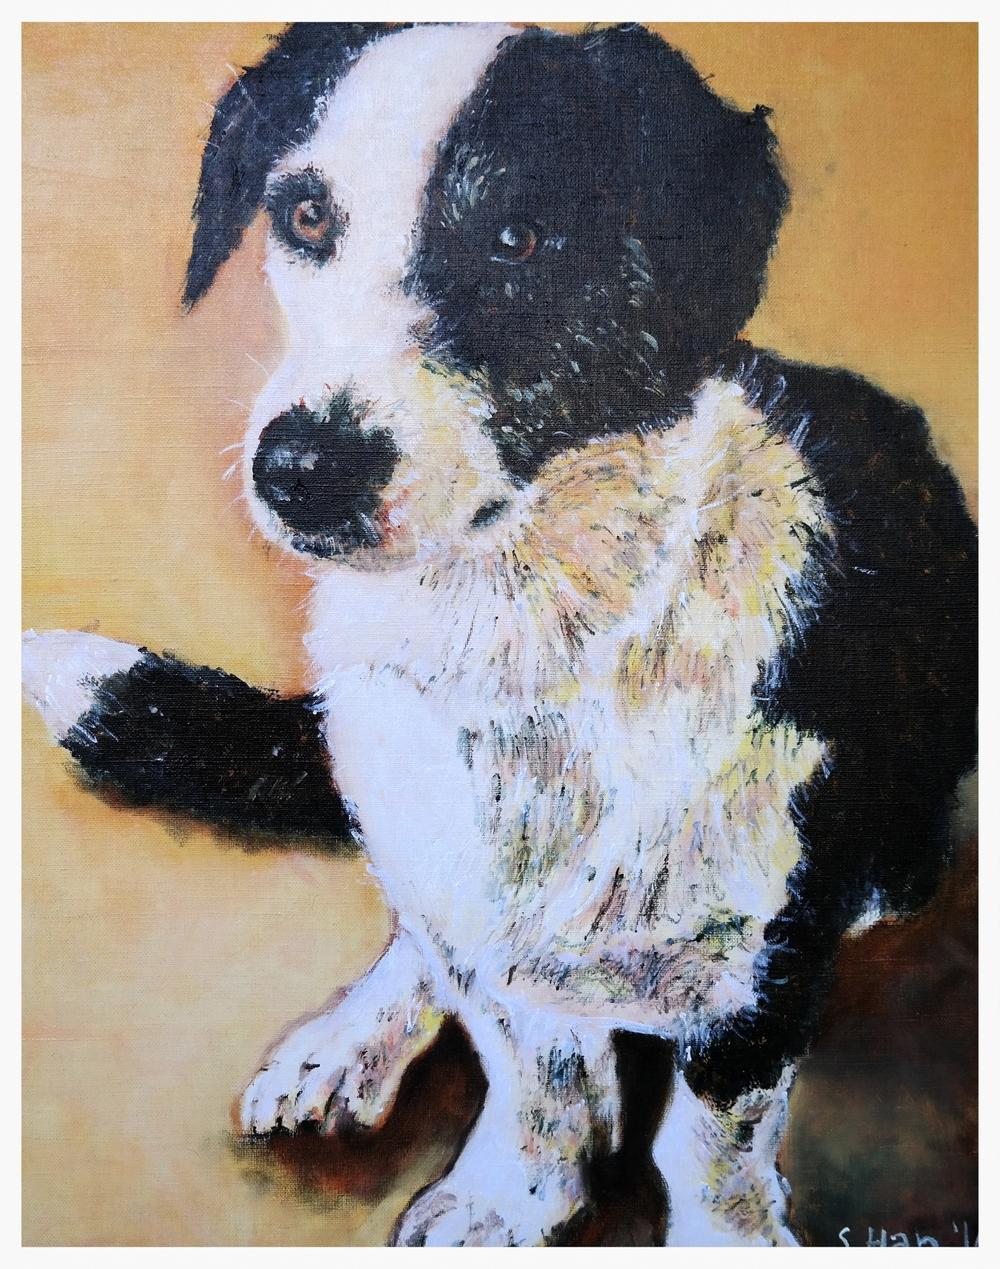 Dog Portrait - Chewie at 1.5 yrs